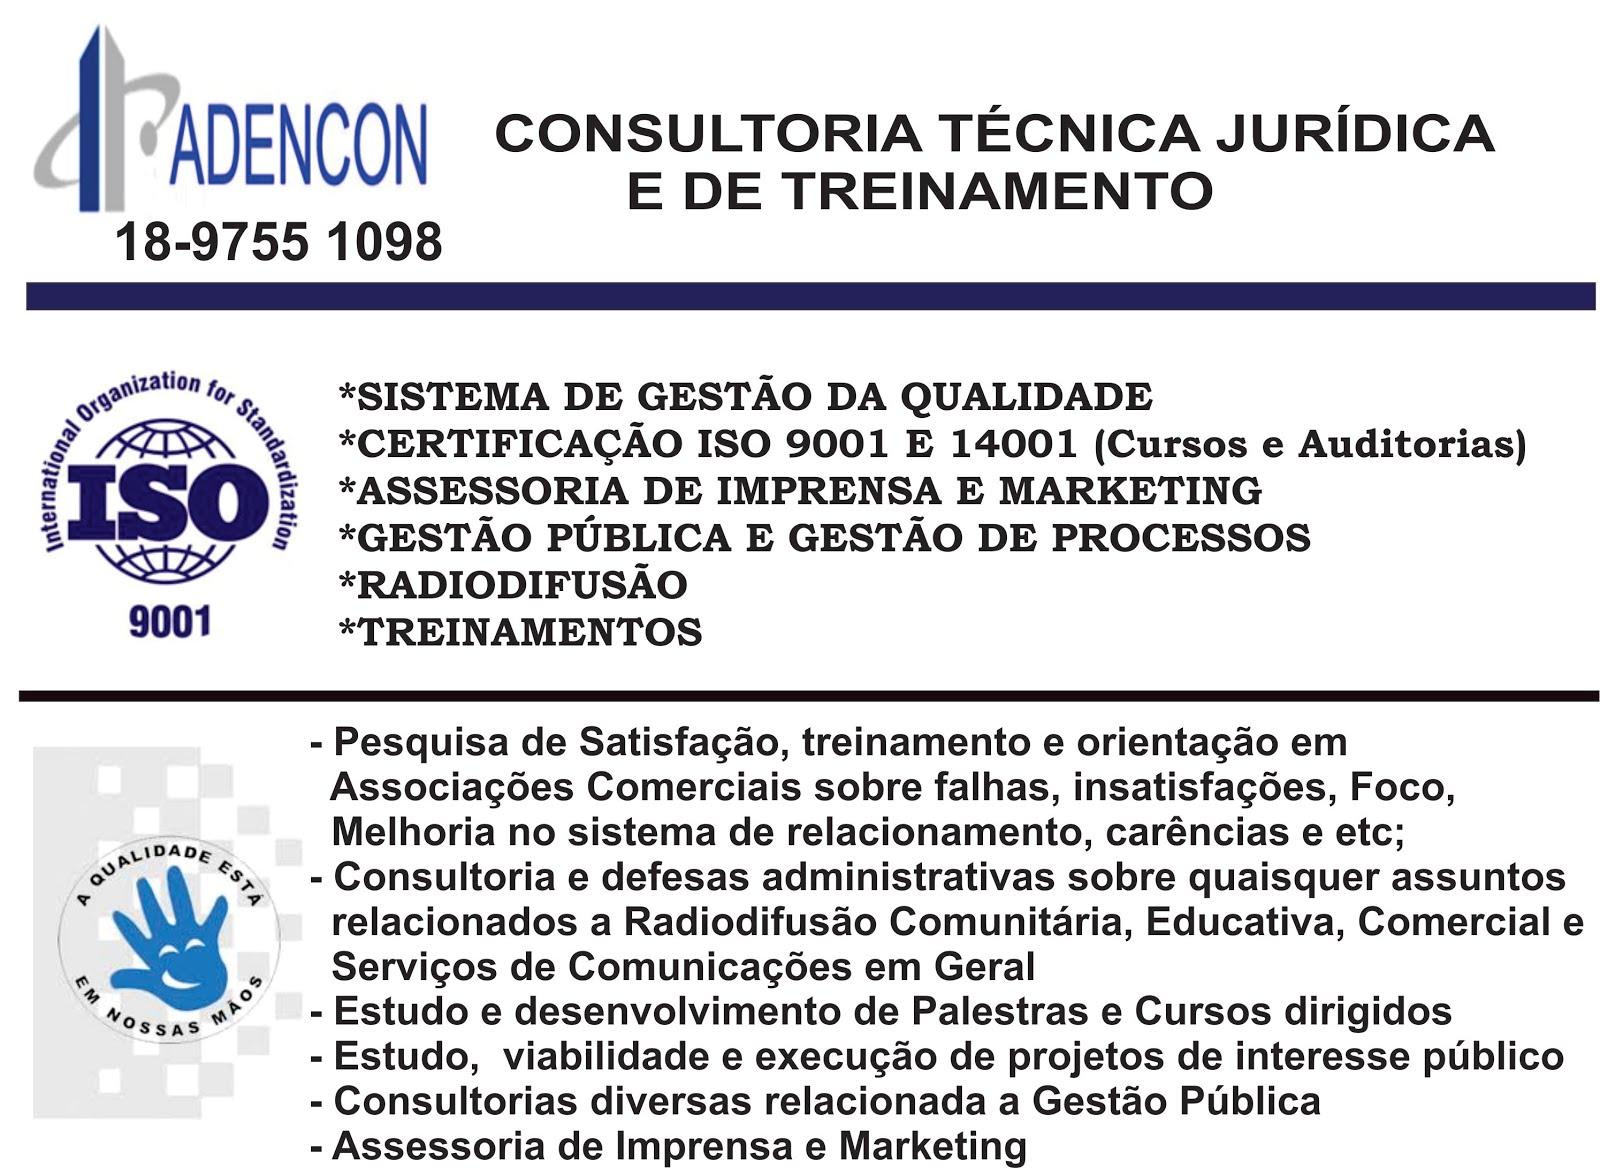 Adencon Consultoria